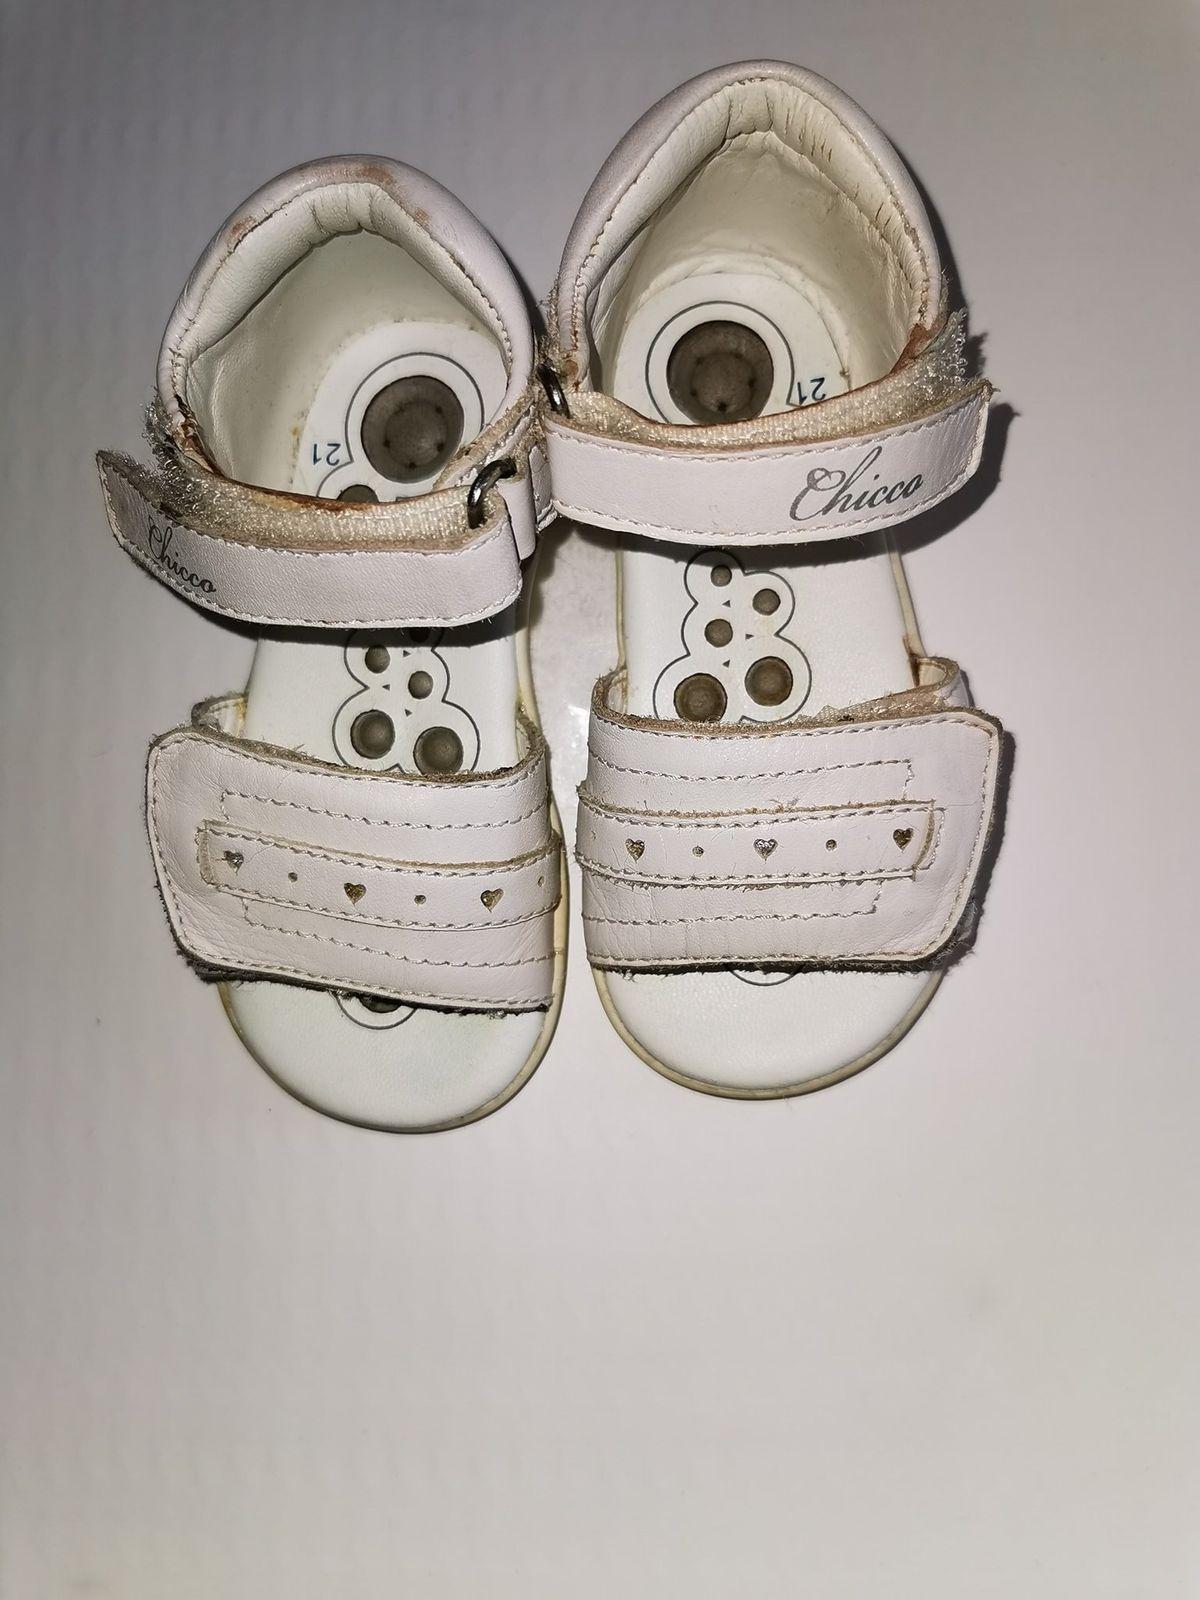 Sandalo n.21 Chicco codice 2904 totalmente in pelle  Euro 9,90